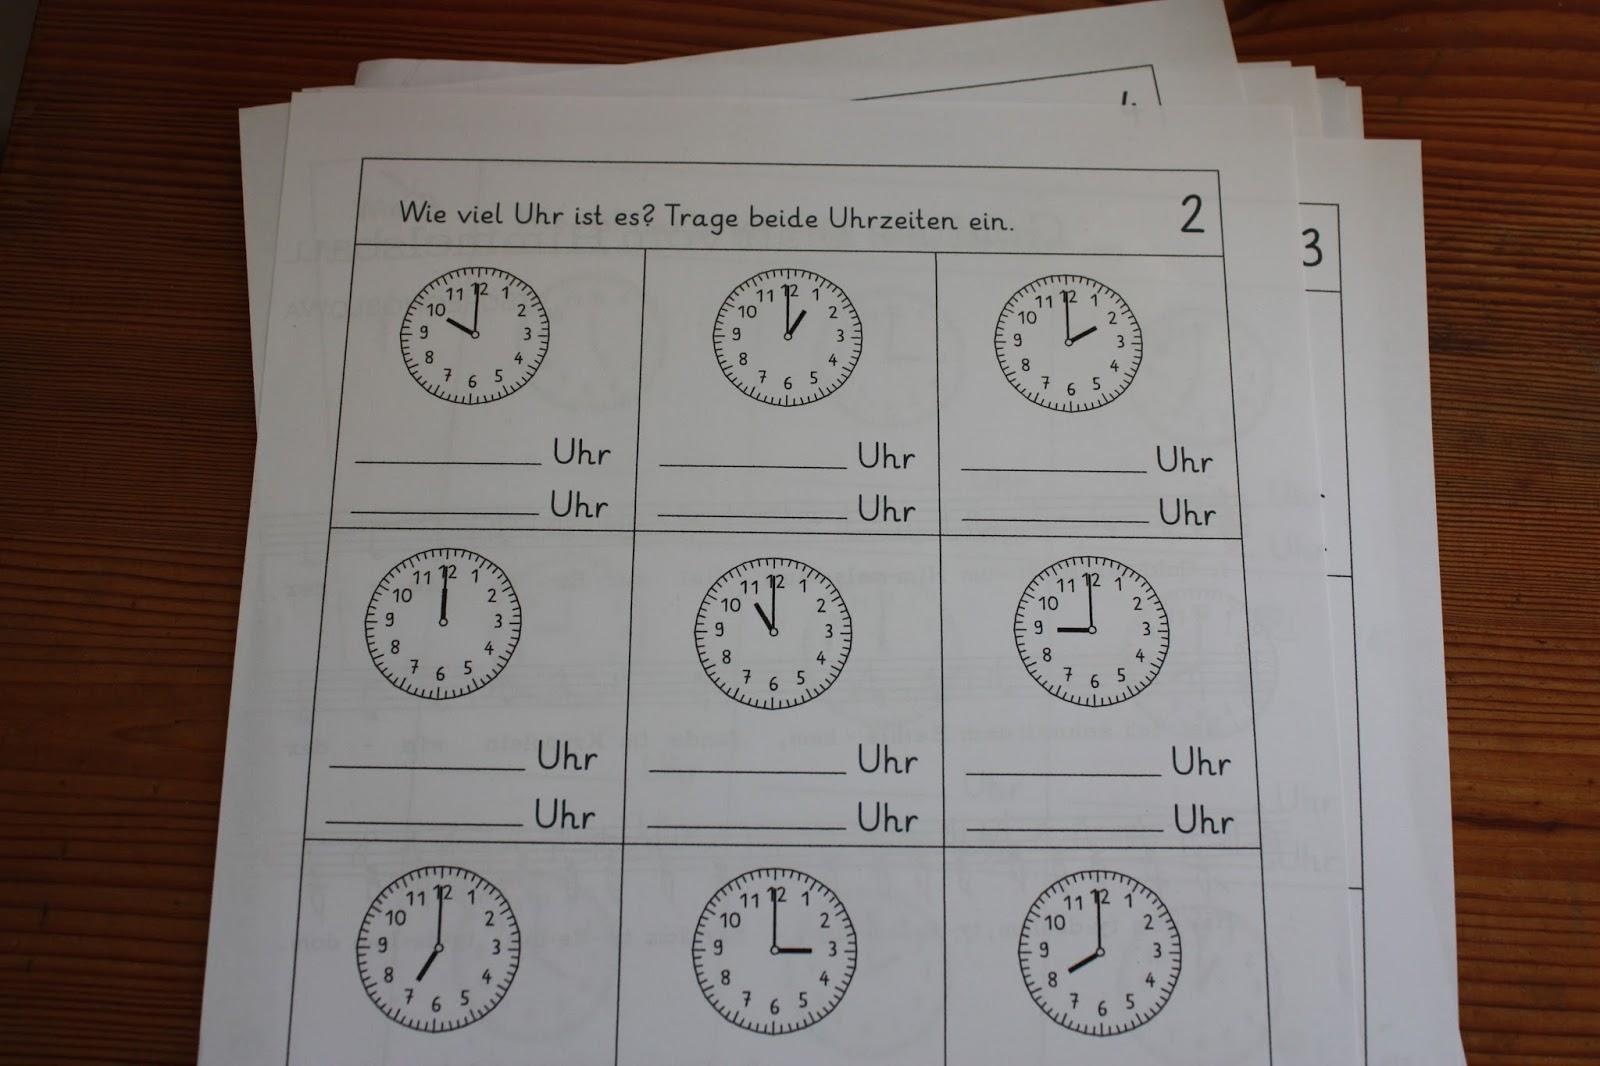 Arbeitsblätter Uhrzeit Volle Stunden : Cuisenaire farbige rechenstäbchen uhrzeit lernen vorlagen